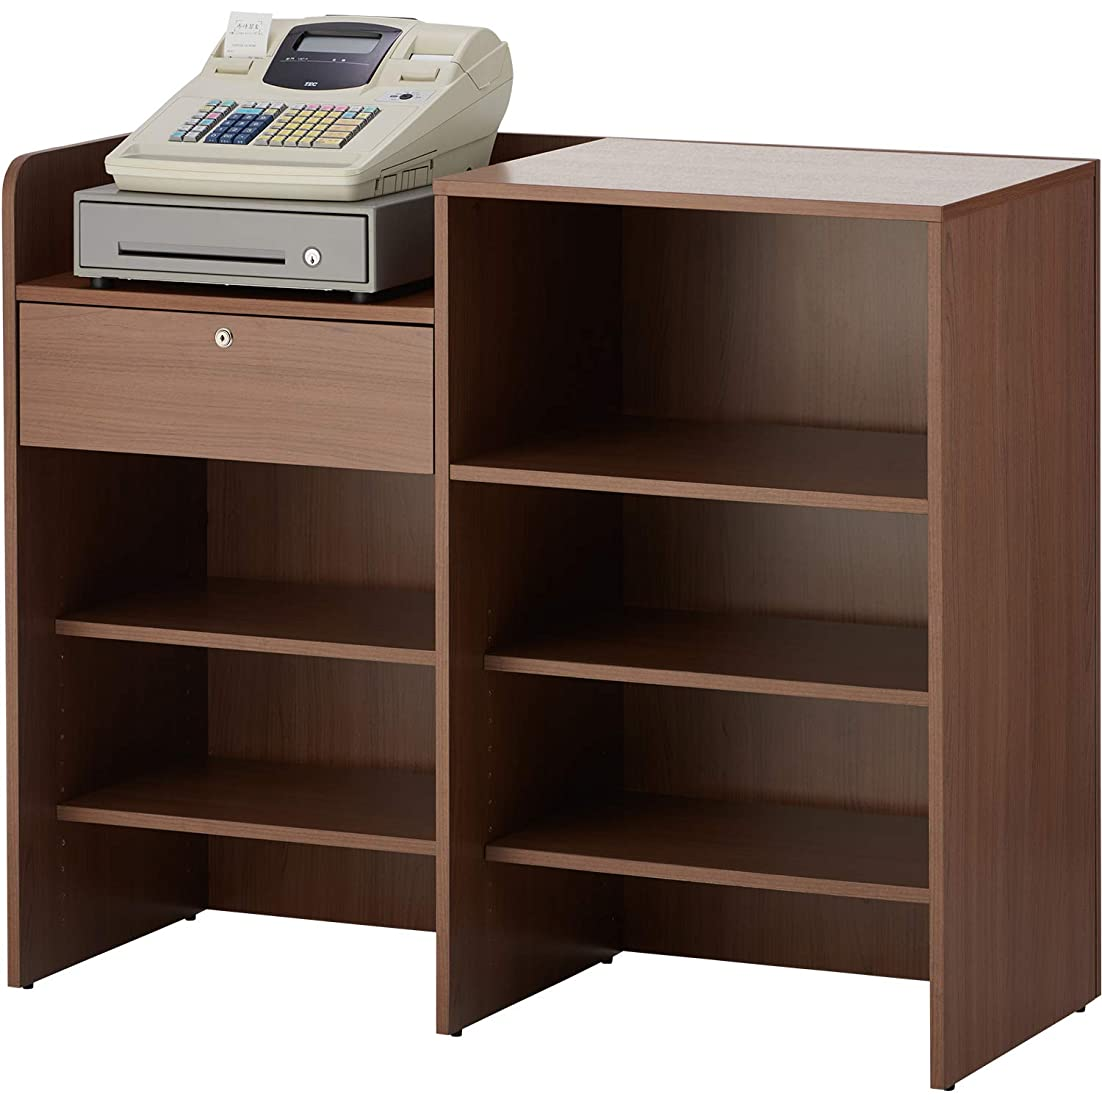 シャイニング後電化するハイカウンター 棚板W1200用 RFHC-1200-OPT ウォールナット